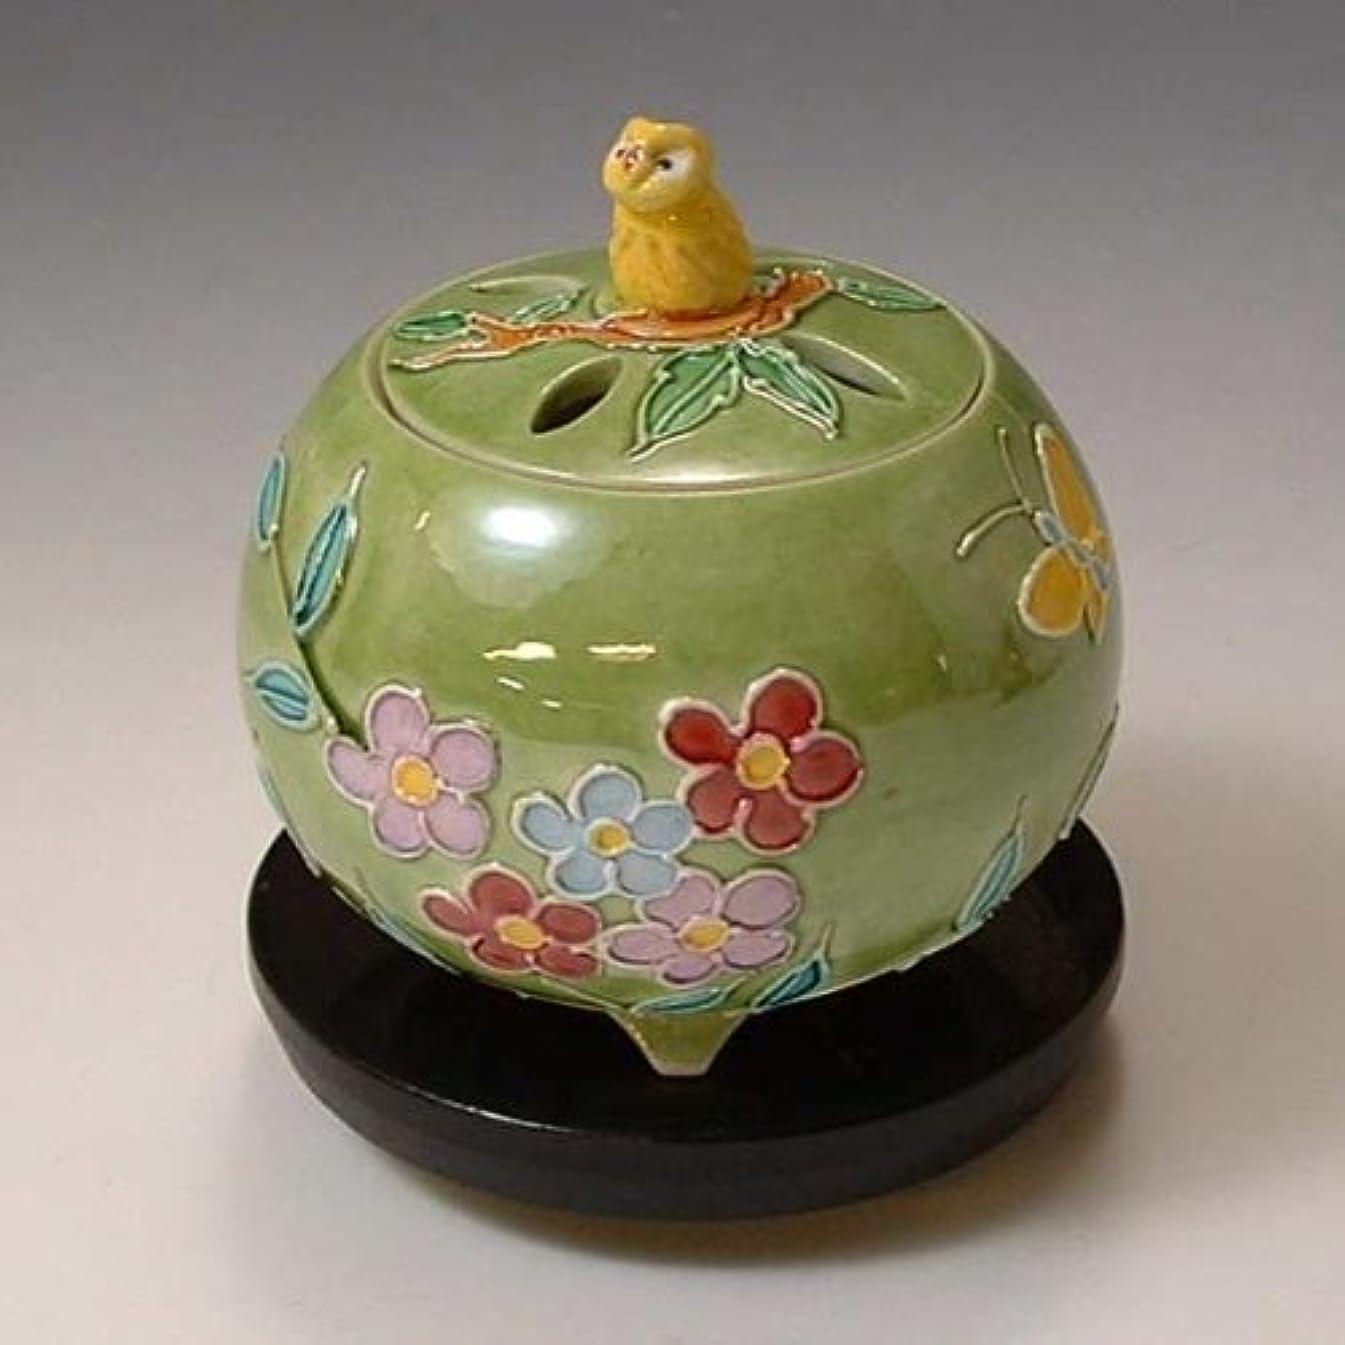 レタス冷蔵庫リビングルーム京焼 清水焼 香炉(黒台付) 黄ふくろう きふくろう YSK082